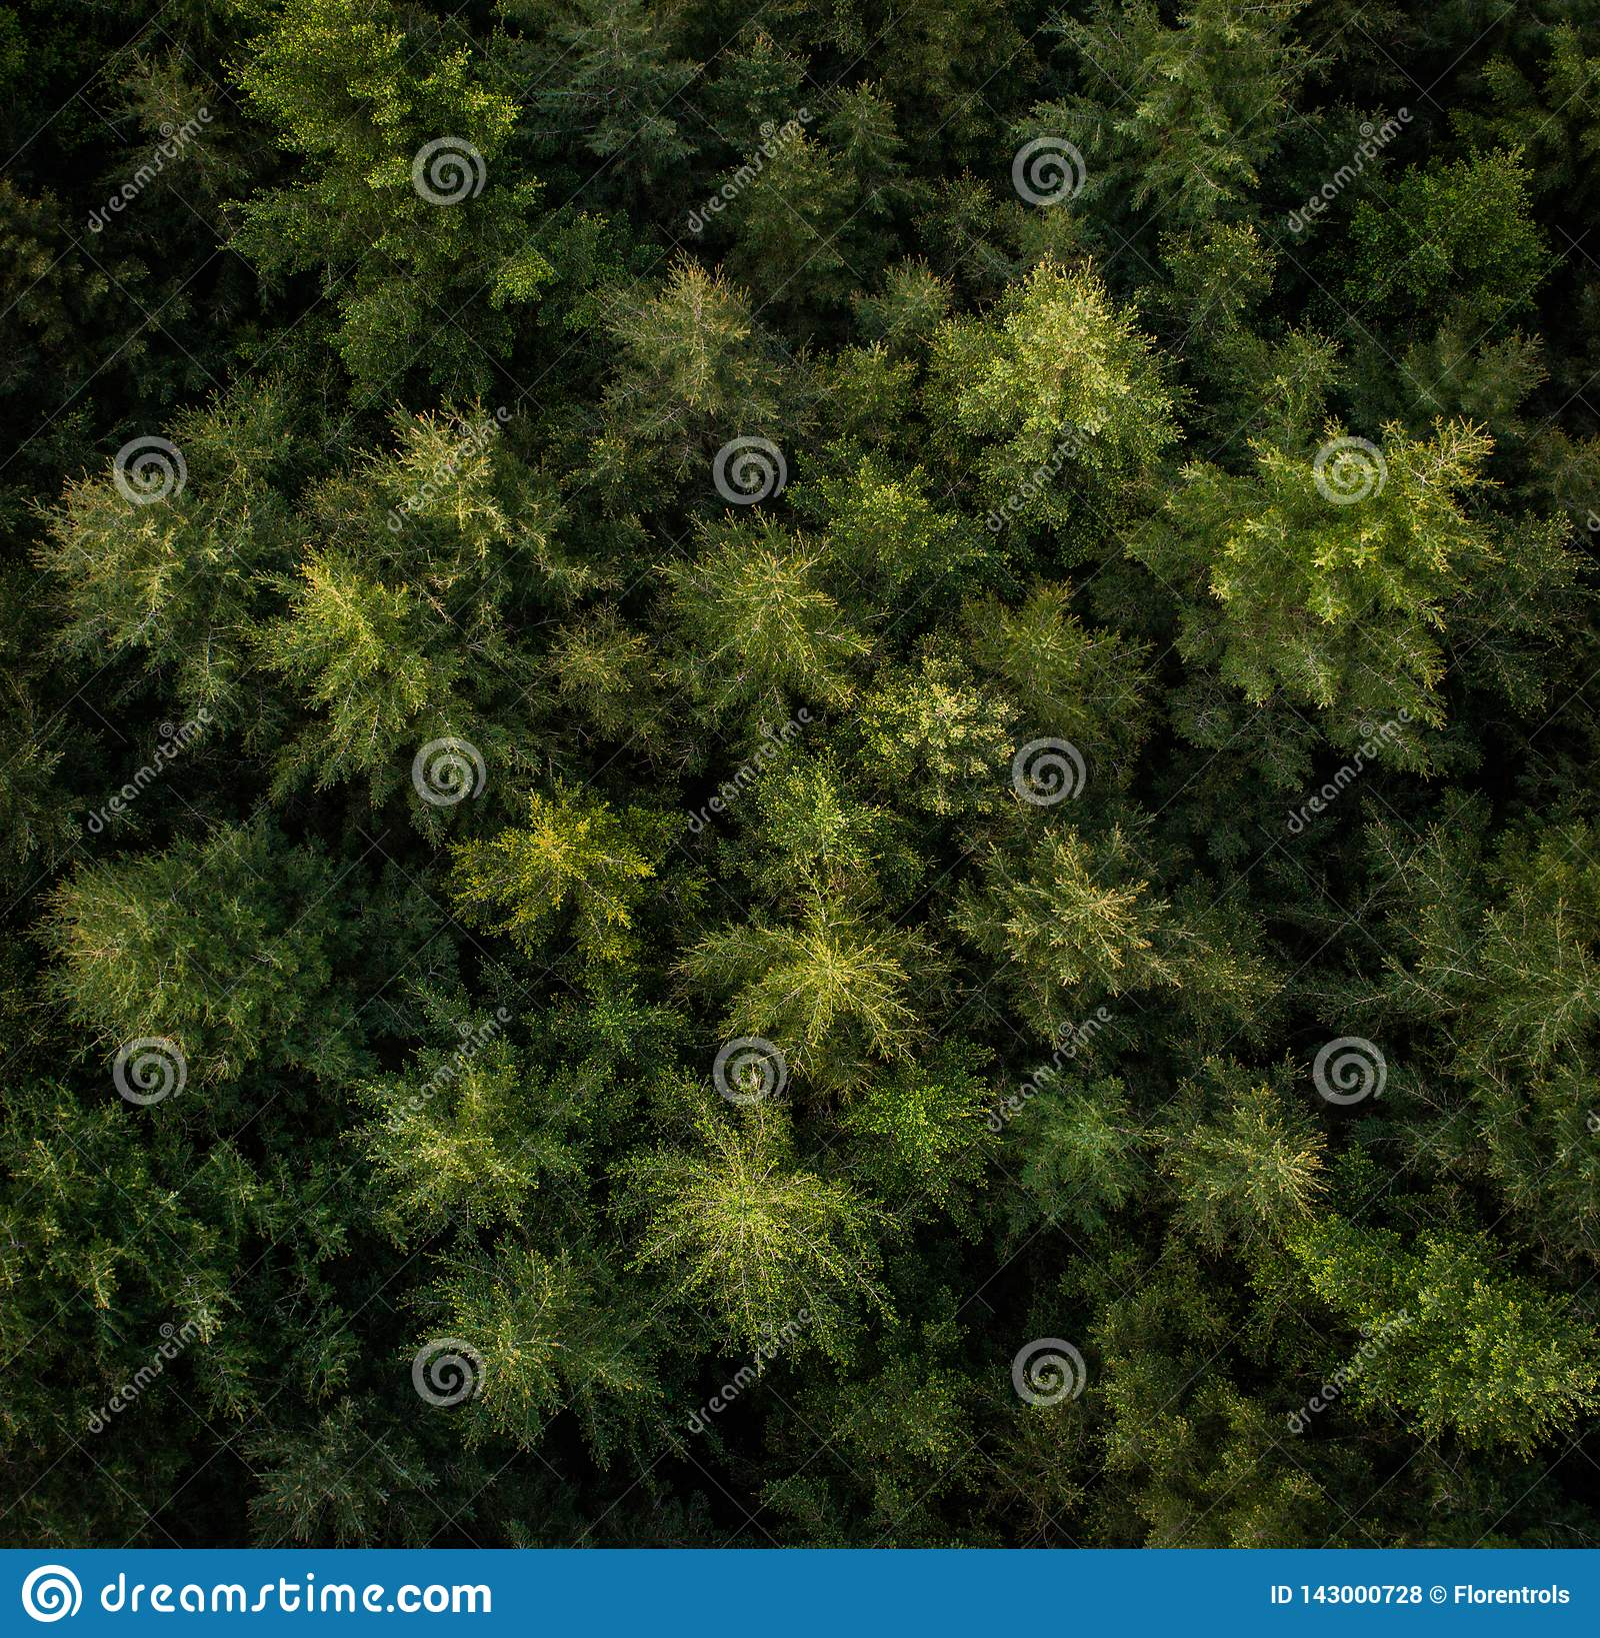 Vogelperspektive von Bäumen in einem Wald